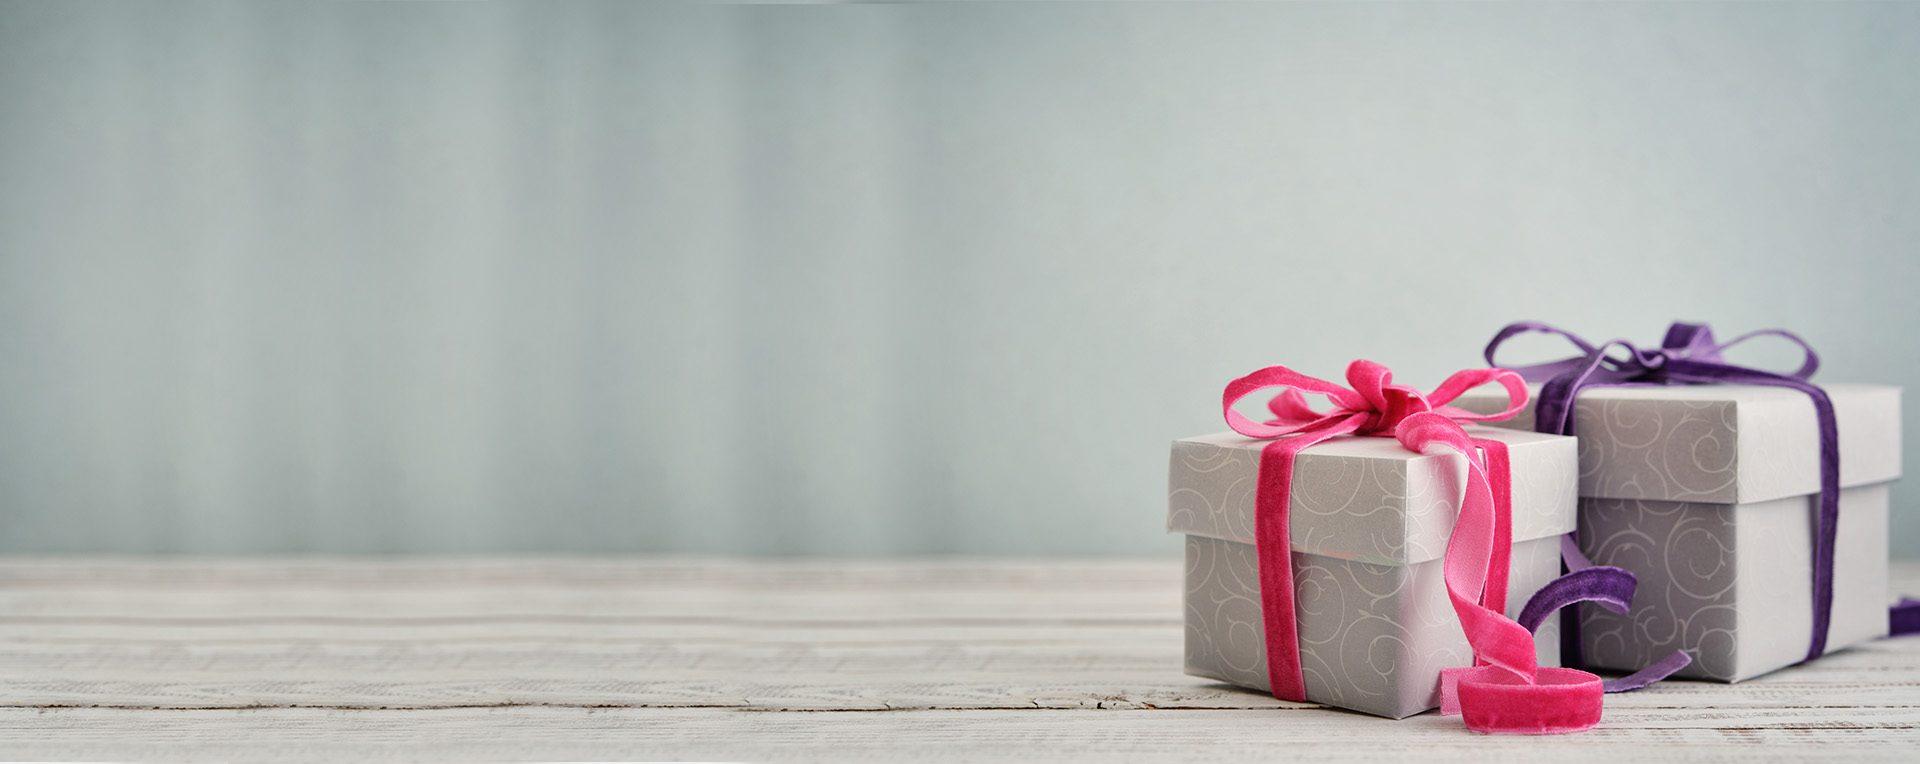 A1 Gifts Shop Discount code at Dealvoucherz